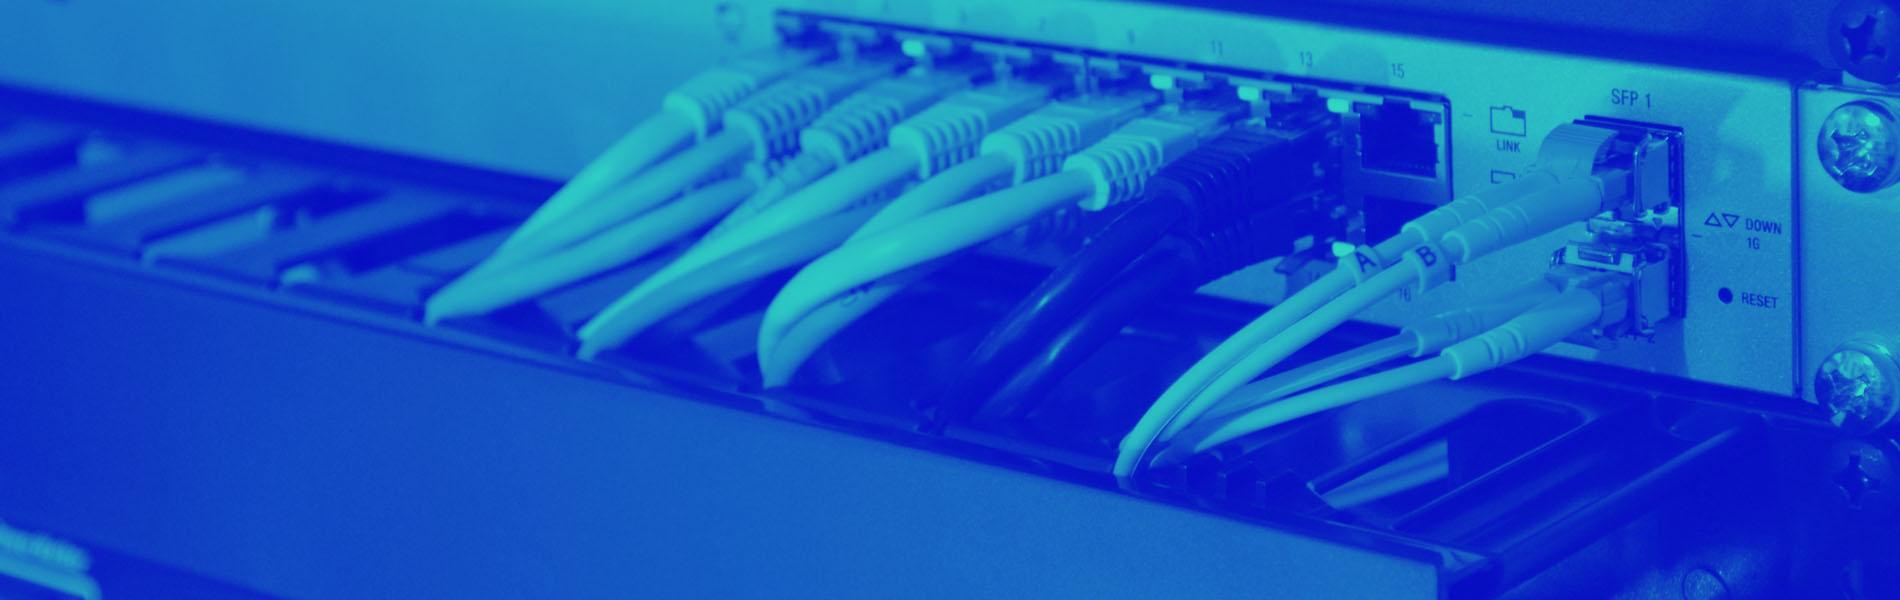 Aprender redes cisco desde cero: profesionales del futuro